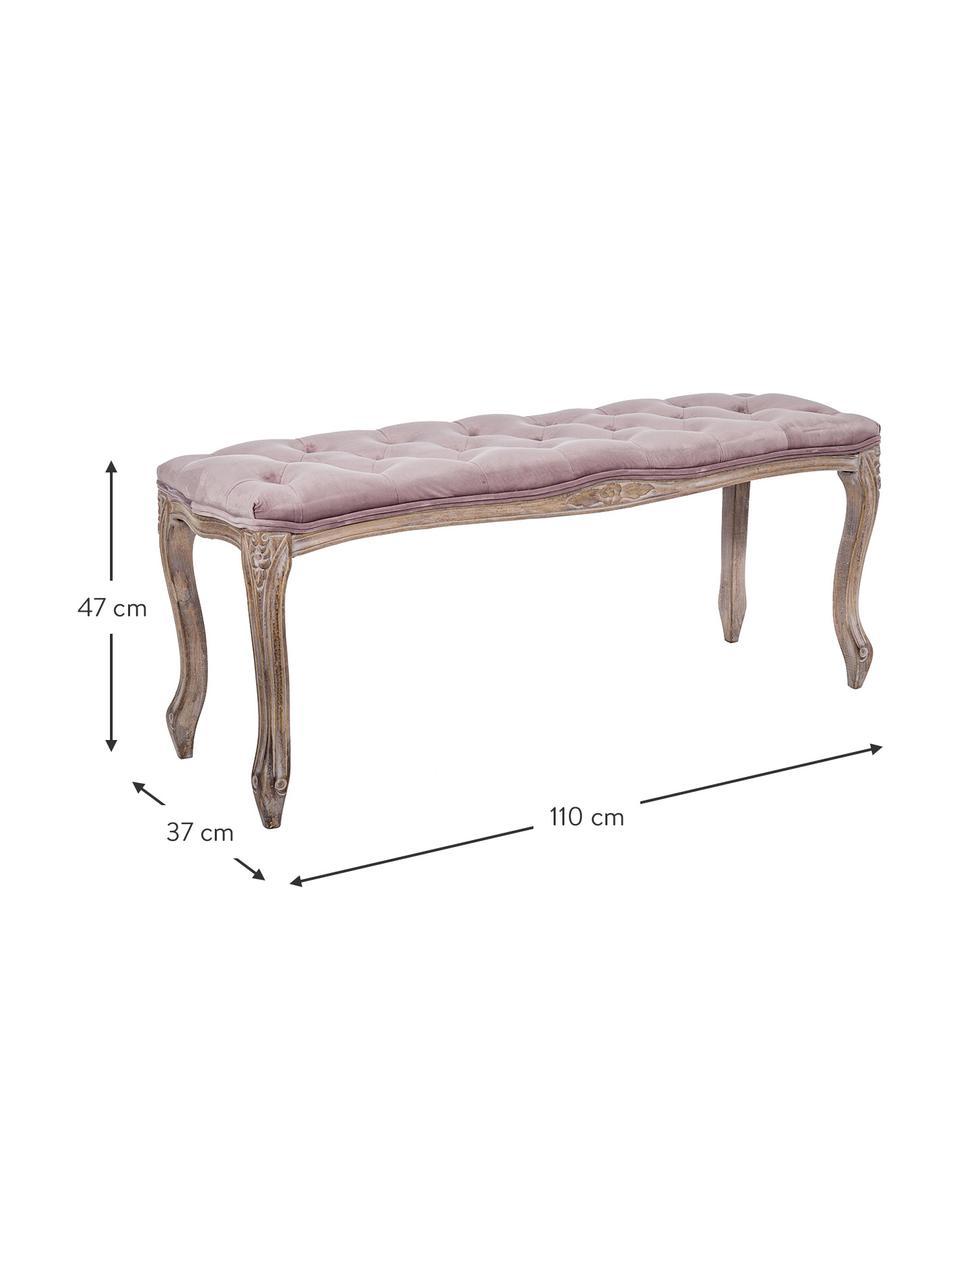 Fluwelen zitbank Mathilde in barok stijl, Bekleding: polyester fluweel De bekl, Frame: berkenhout, nitrocellulos, Oudroze, berkenhoutkleurig, B 110 x D 37 cm